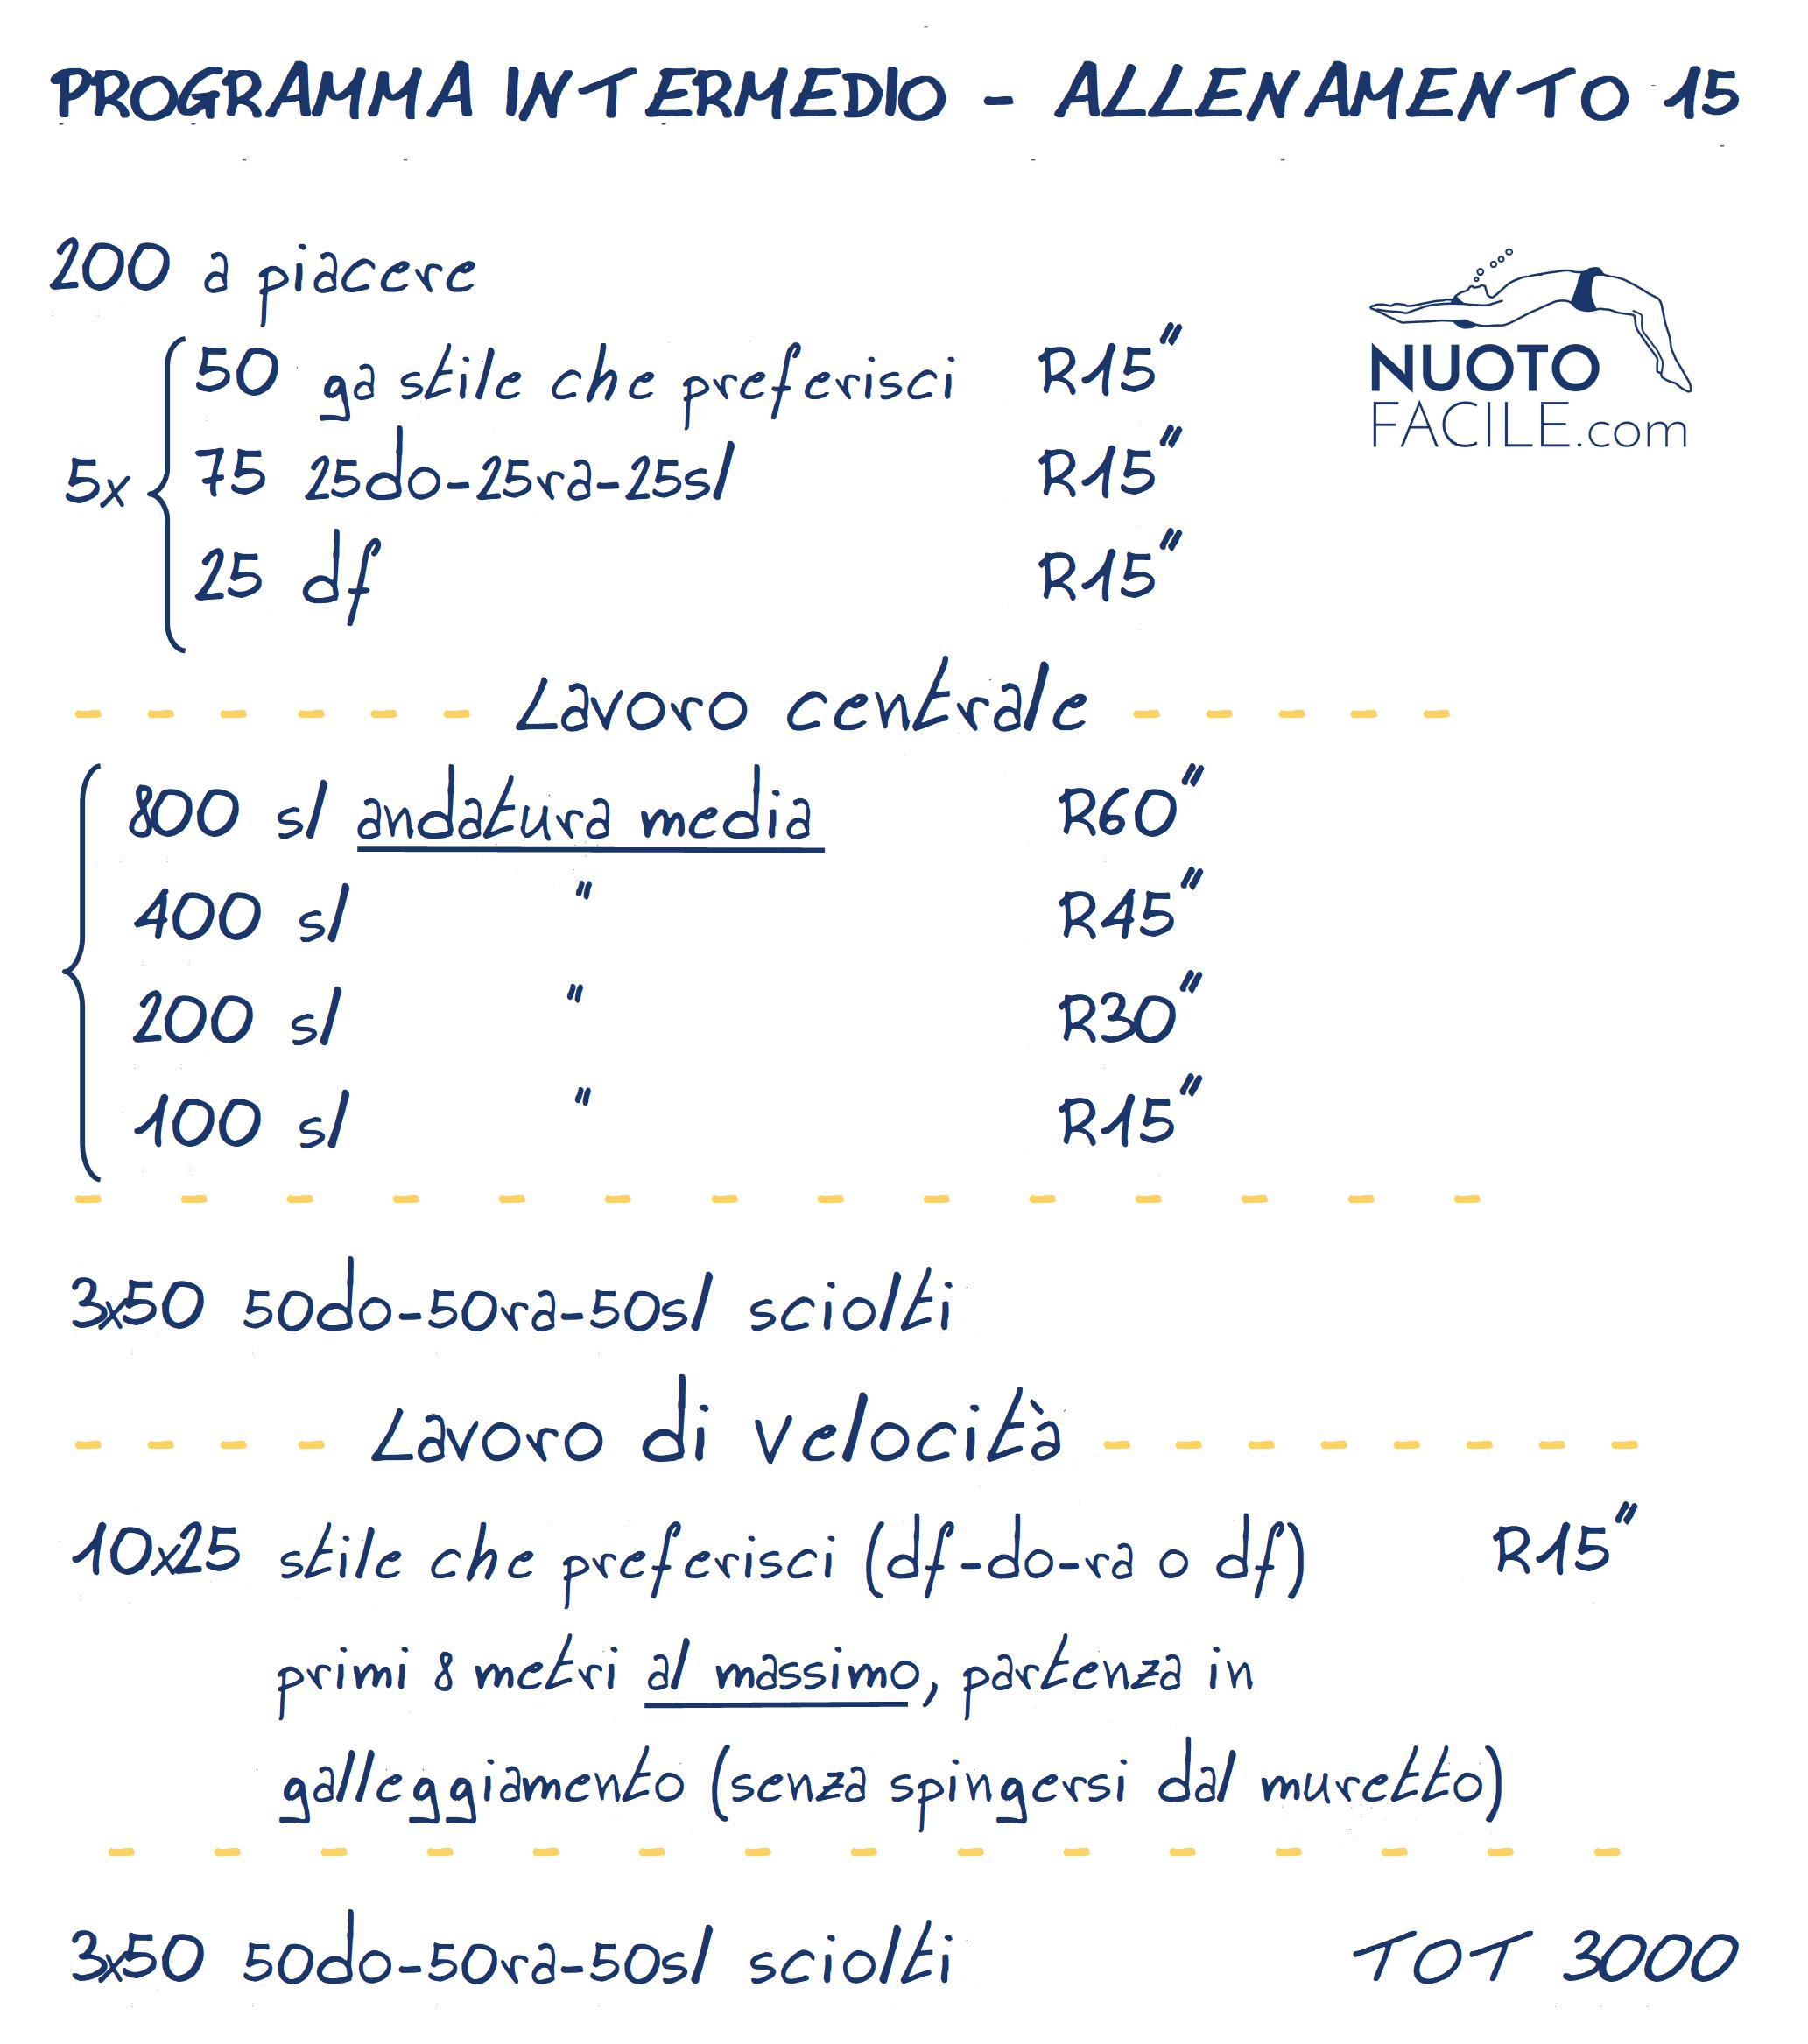 Programma di allenamento intermedio Nuoto Facile - allenamento 15